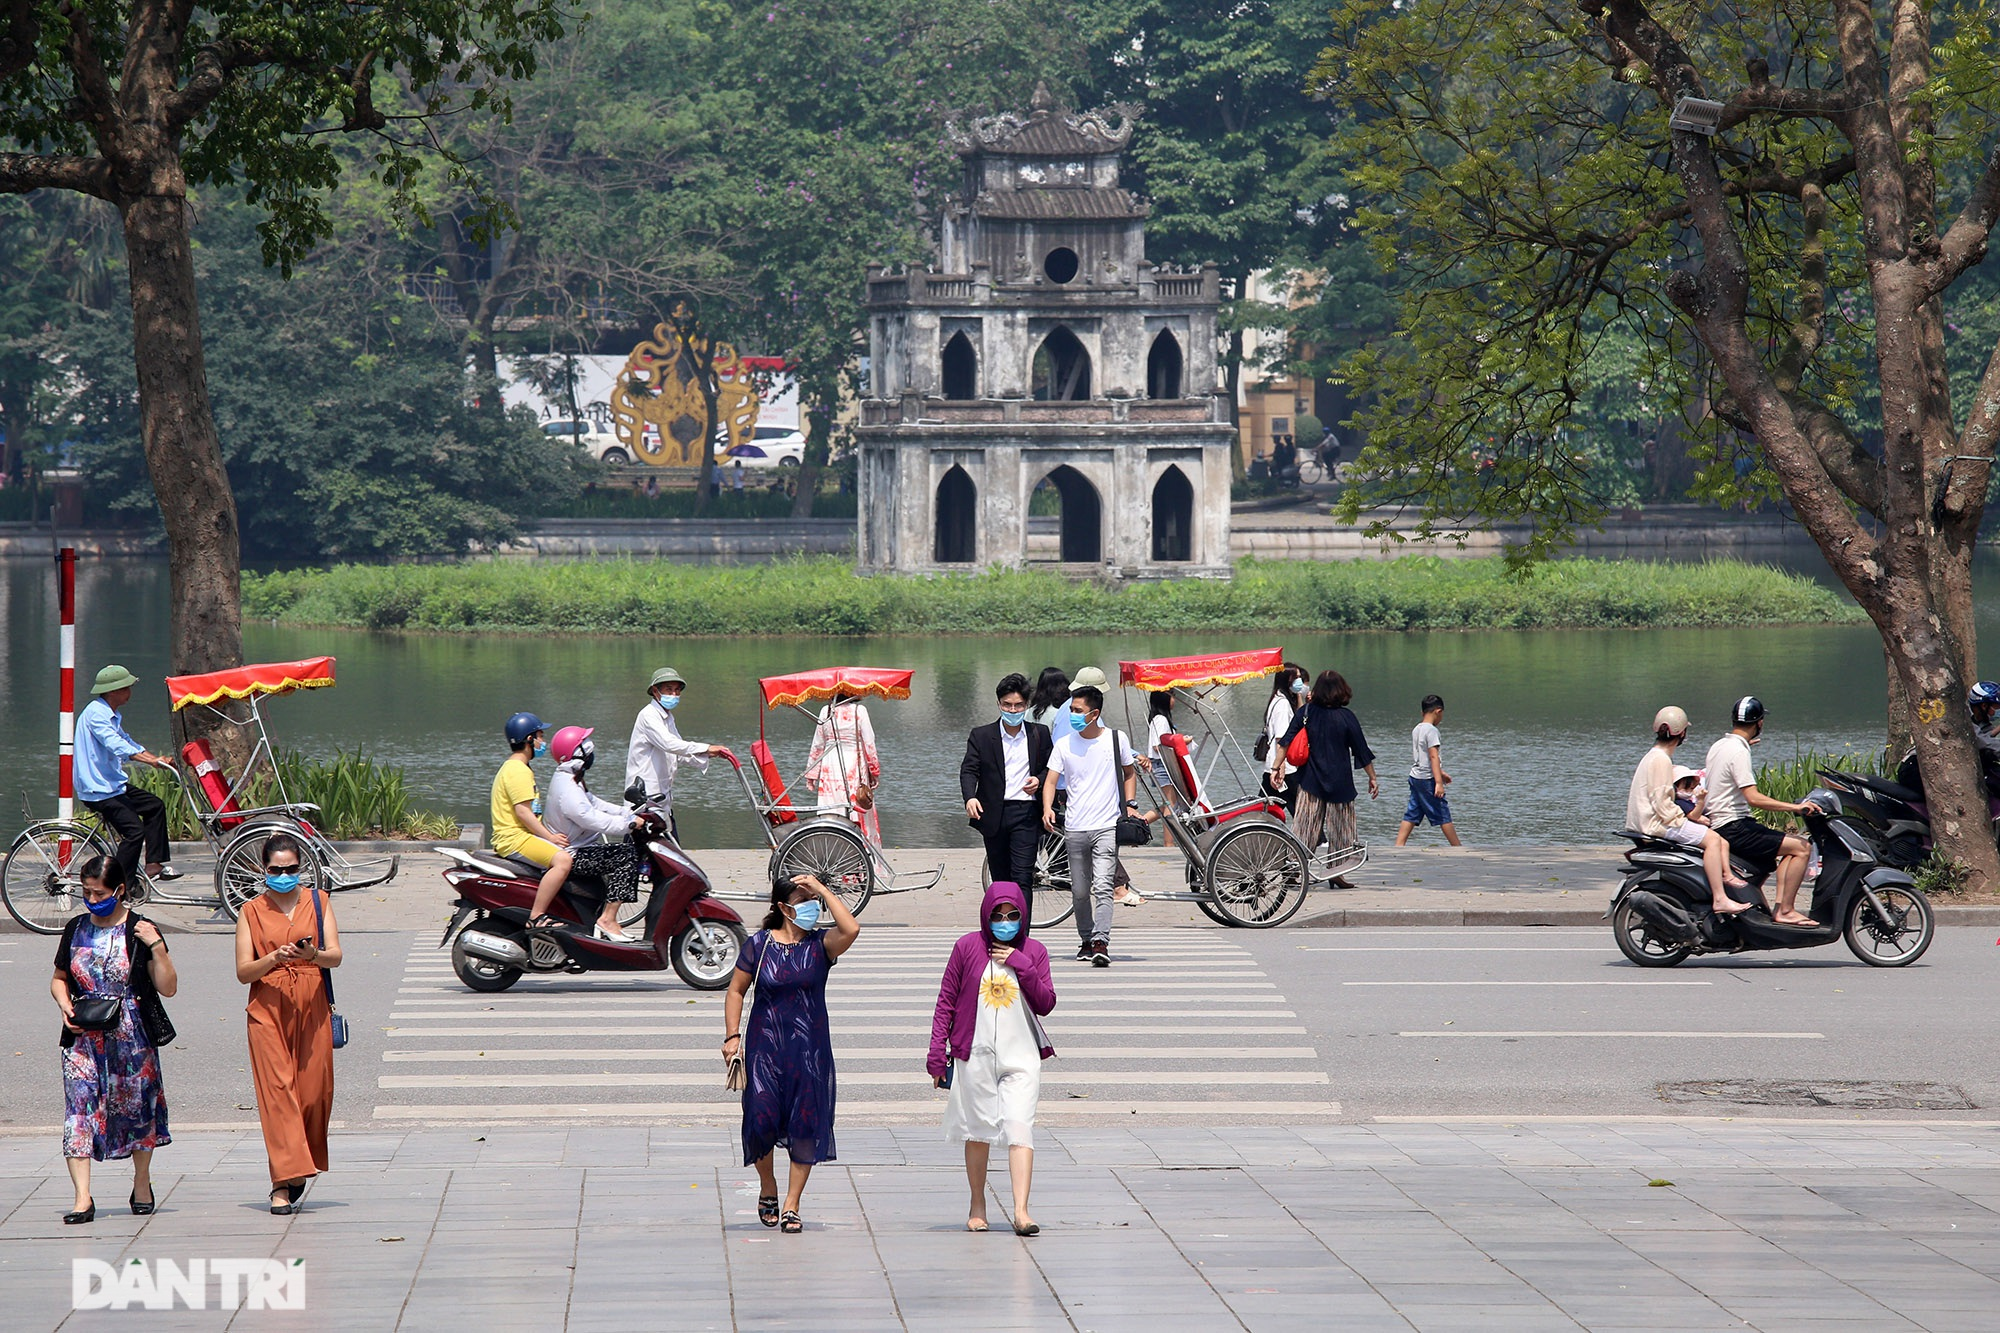 Mặc dù lo ngại dịch Covid-19, nhiều điểm vui chơi ở Hà Nội vẫn đông khách - 2